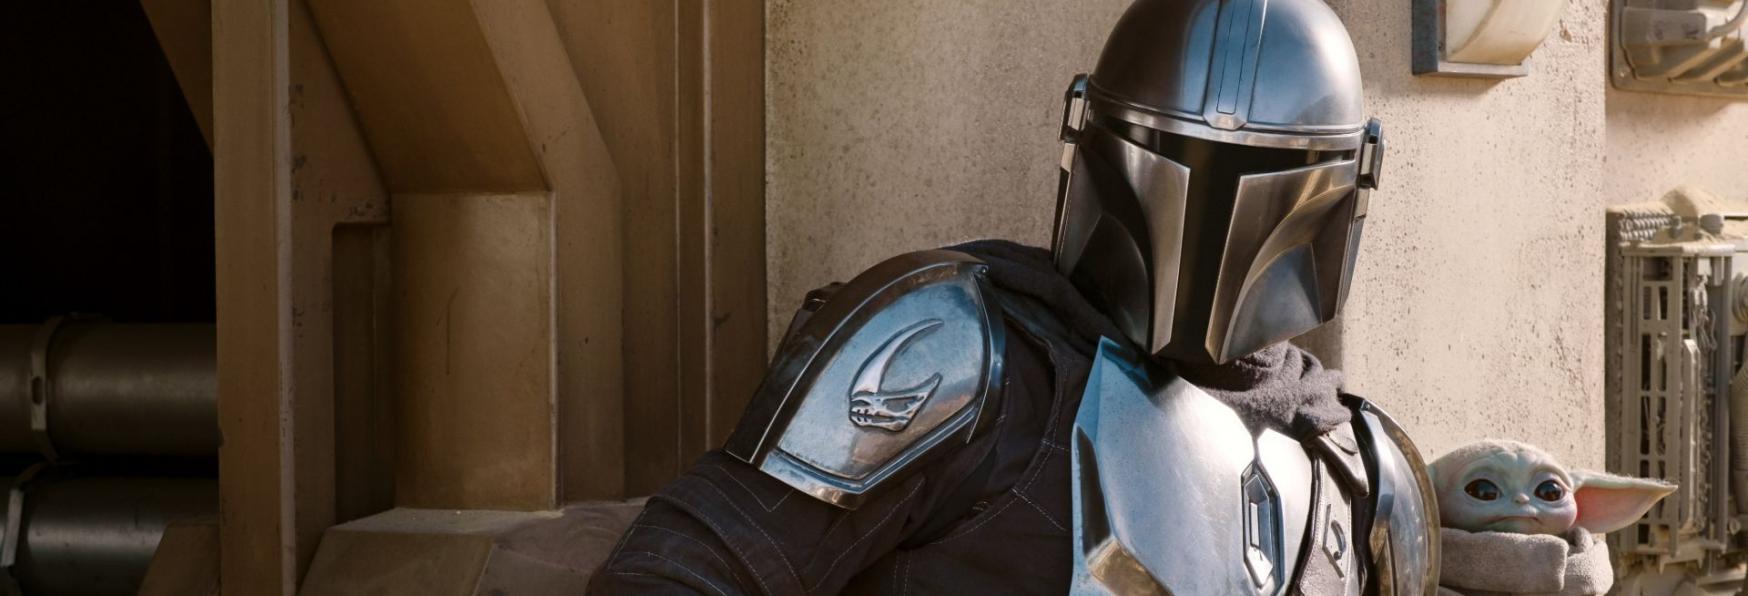 The Mandalorian 2: Recensione del 1° Episodio della nuova Stagione della Serie TV Disney+